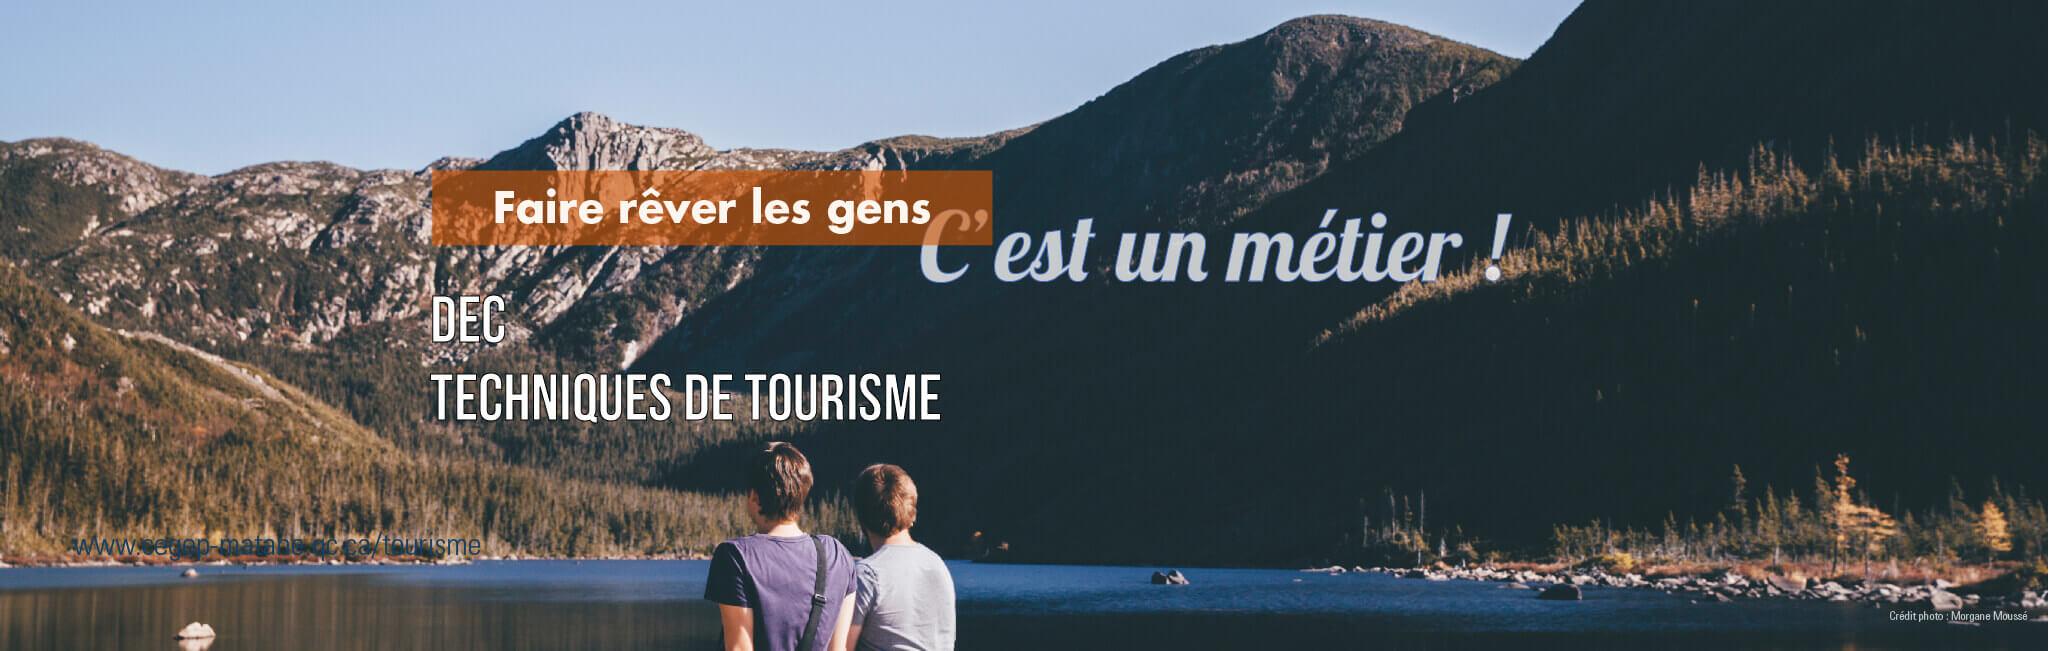 Techniques de Tourisme, c'est faire rêver les gens